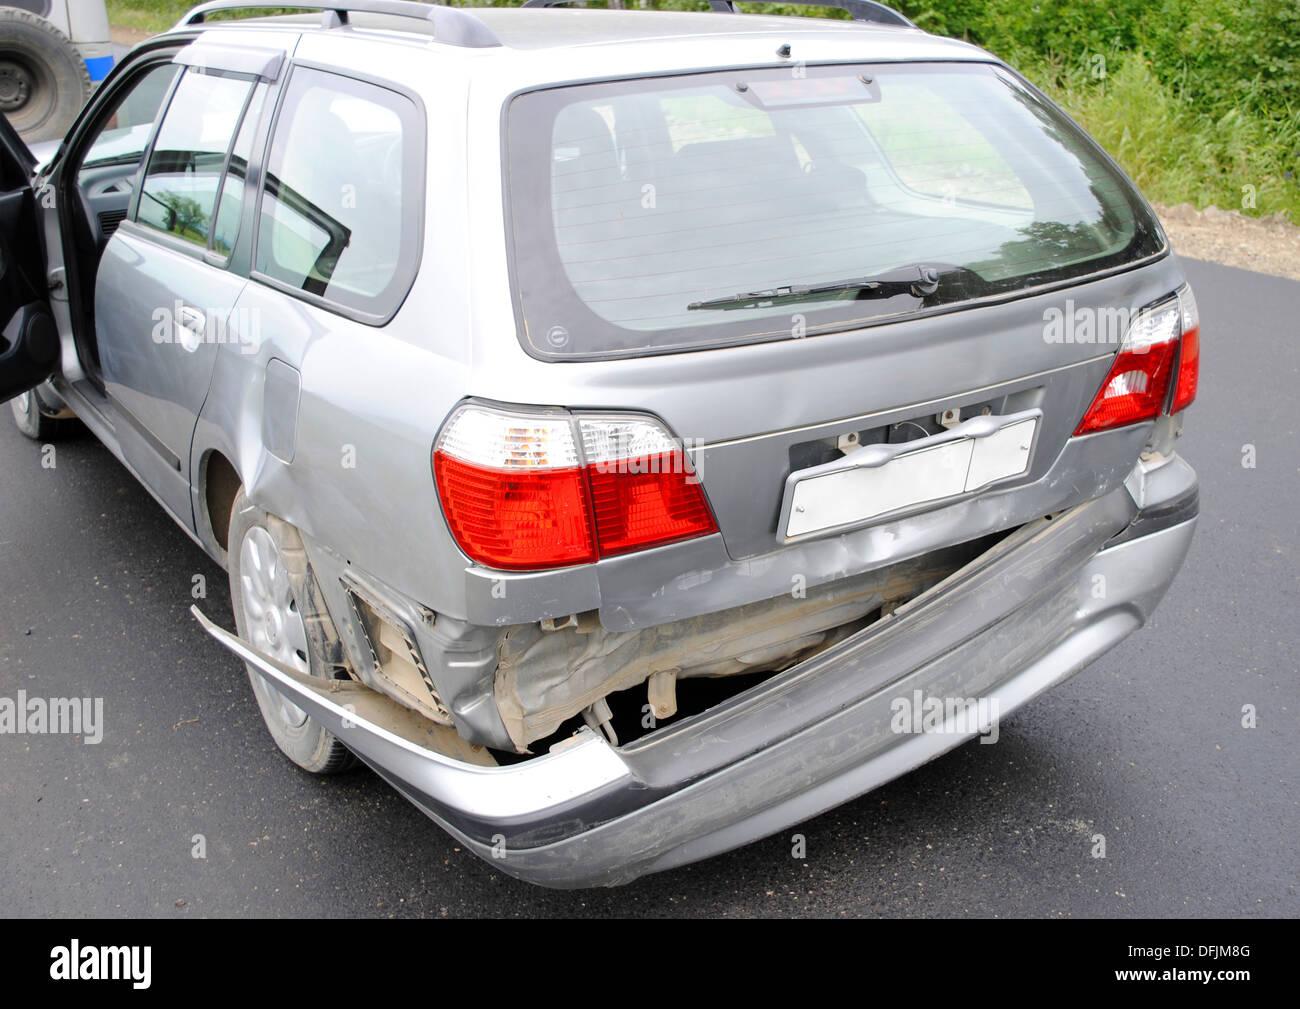 Design of a car bumper - Back Bumper Of The Car After A Car Accident